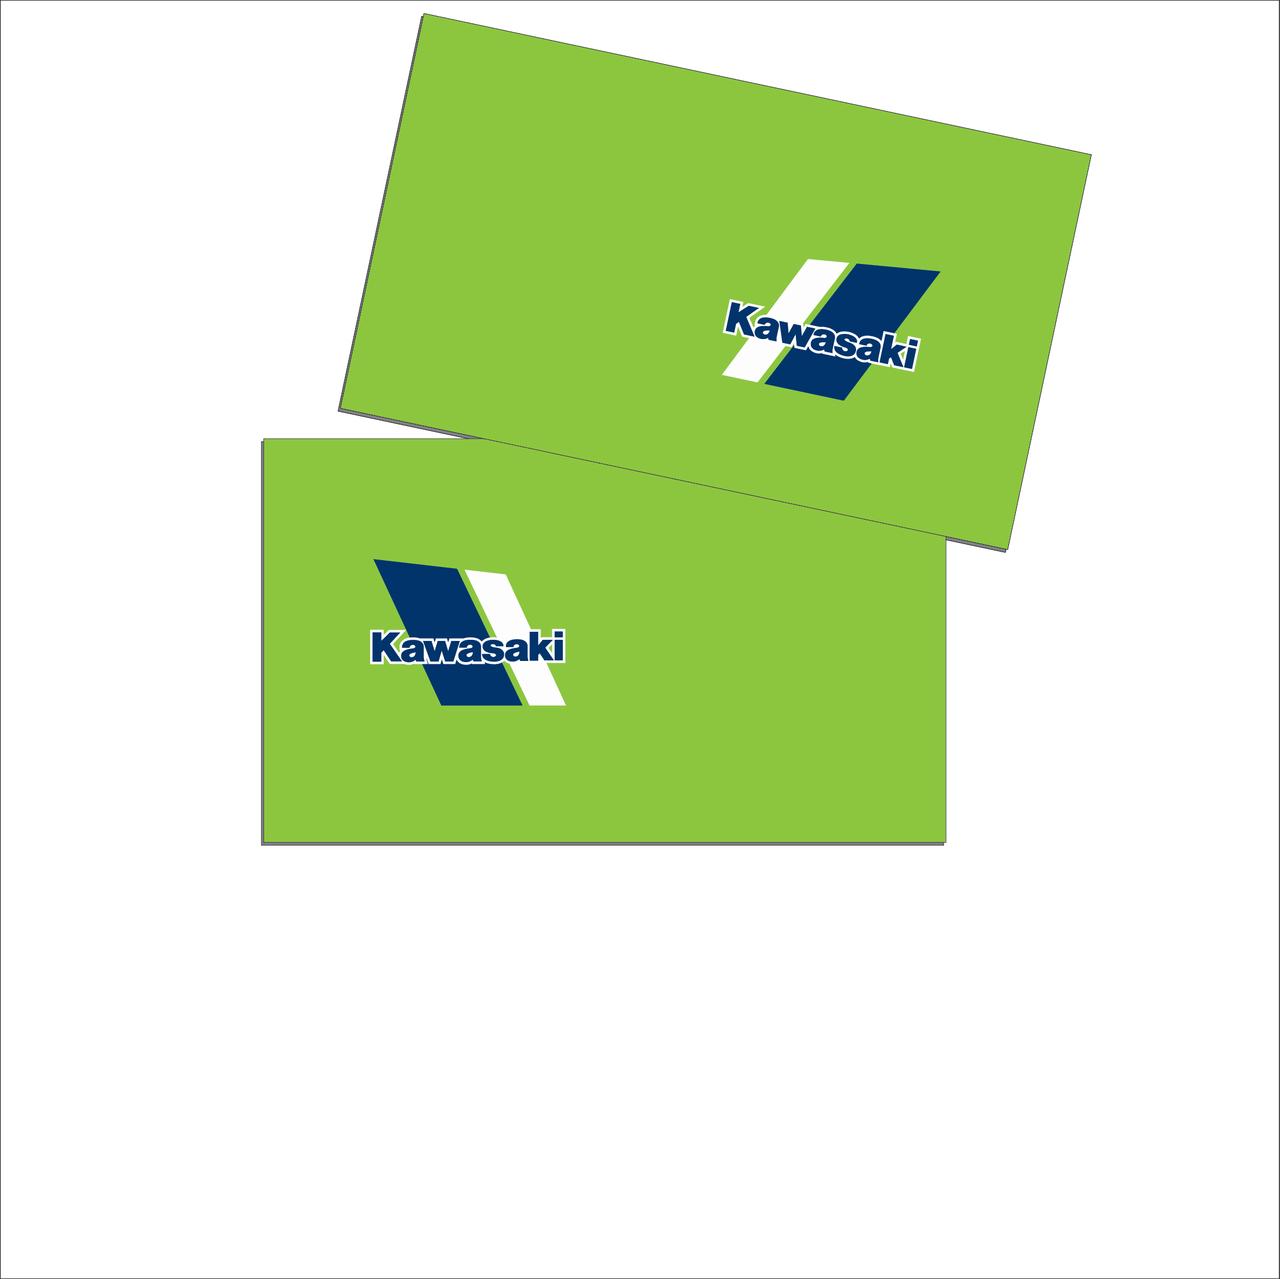 Kawasaki Universal Sheets Small Logo Perforated